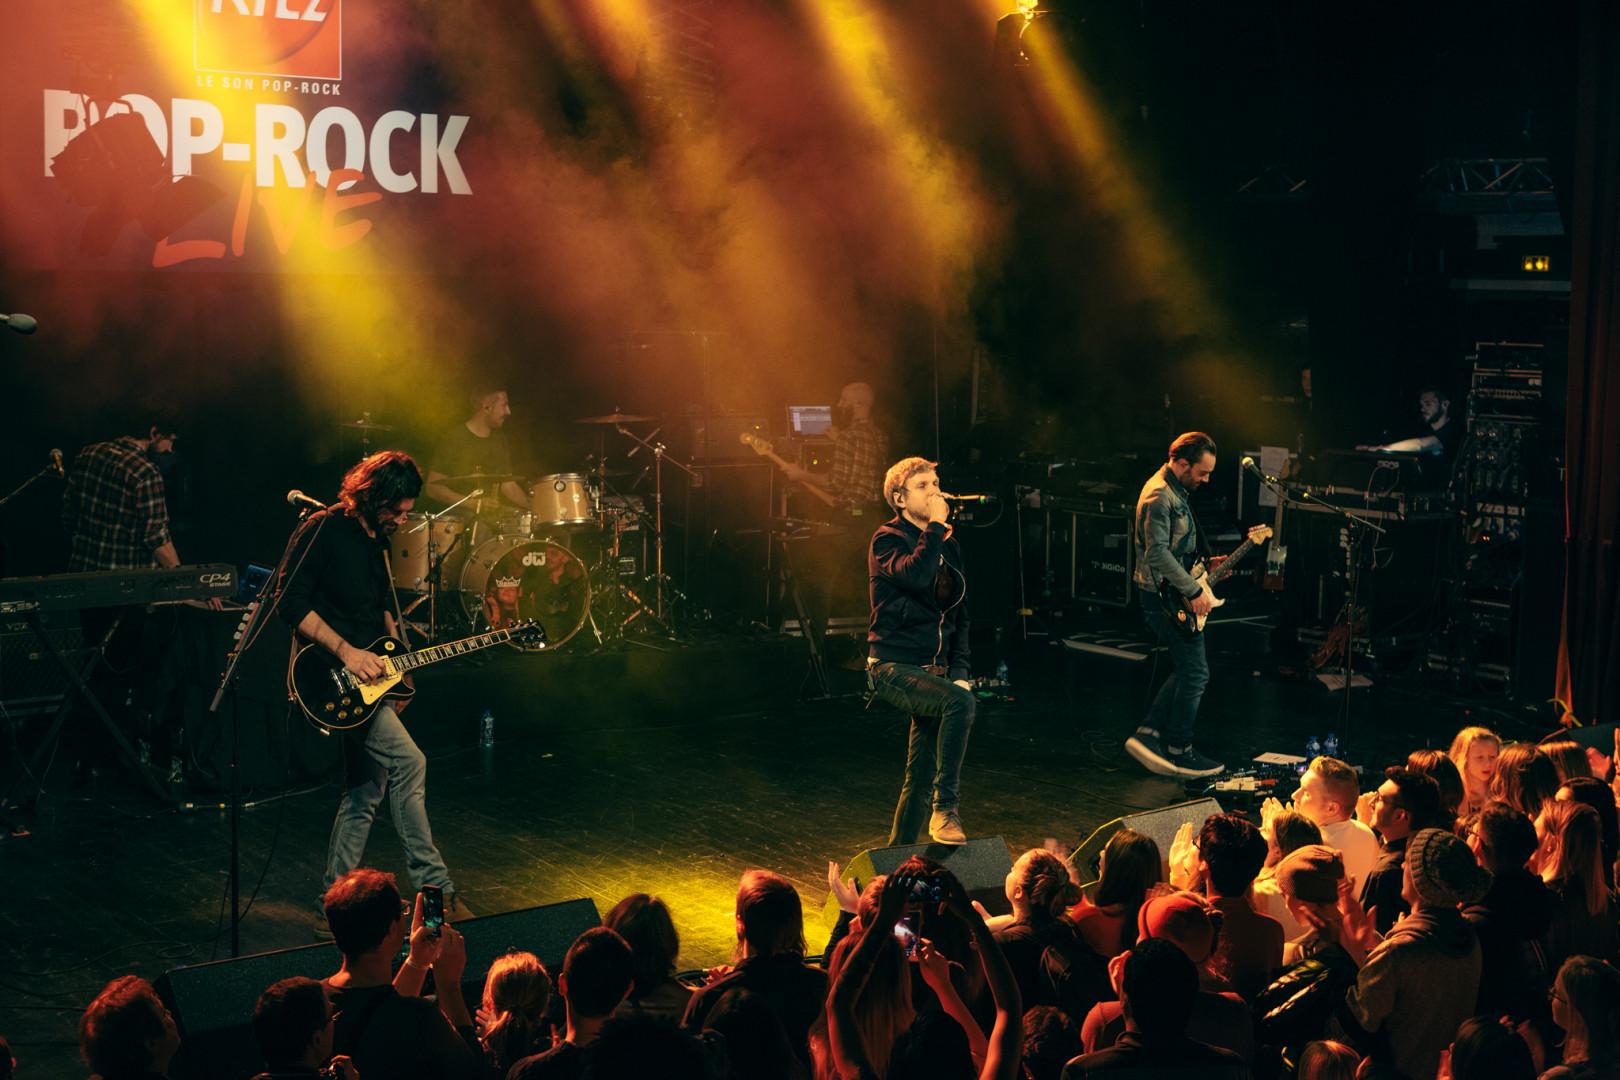 Kyo a fait son grand retour pour le RTL2 pop-rock Live